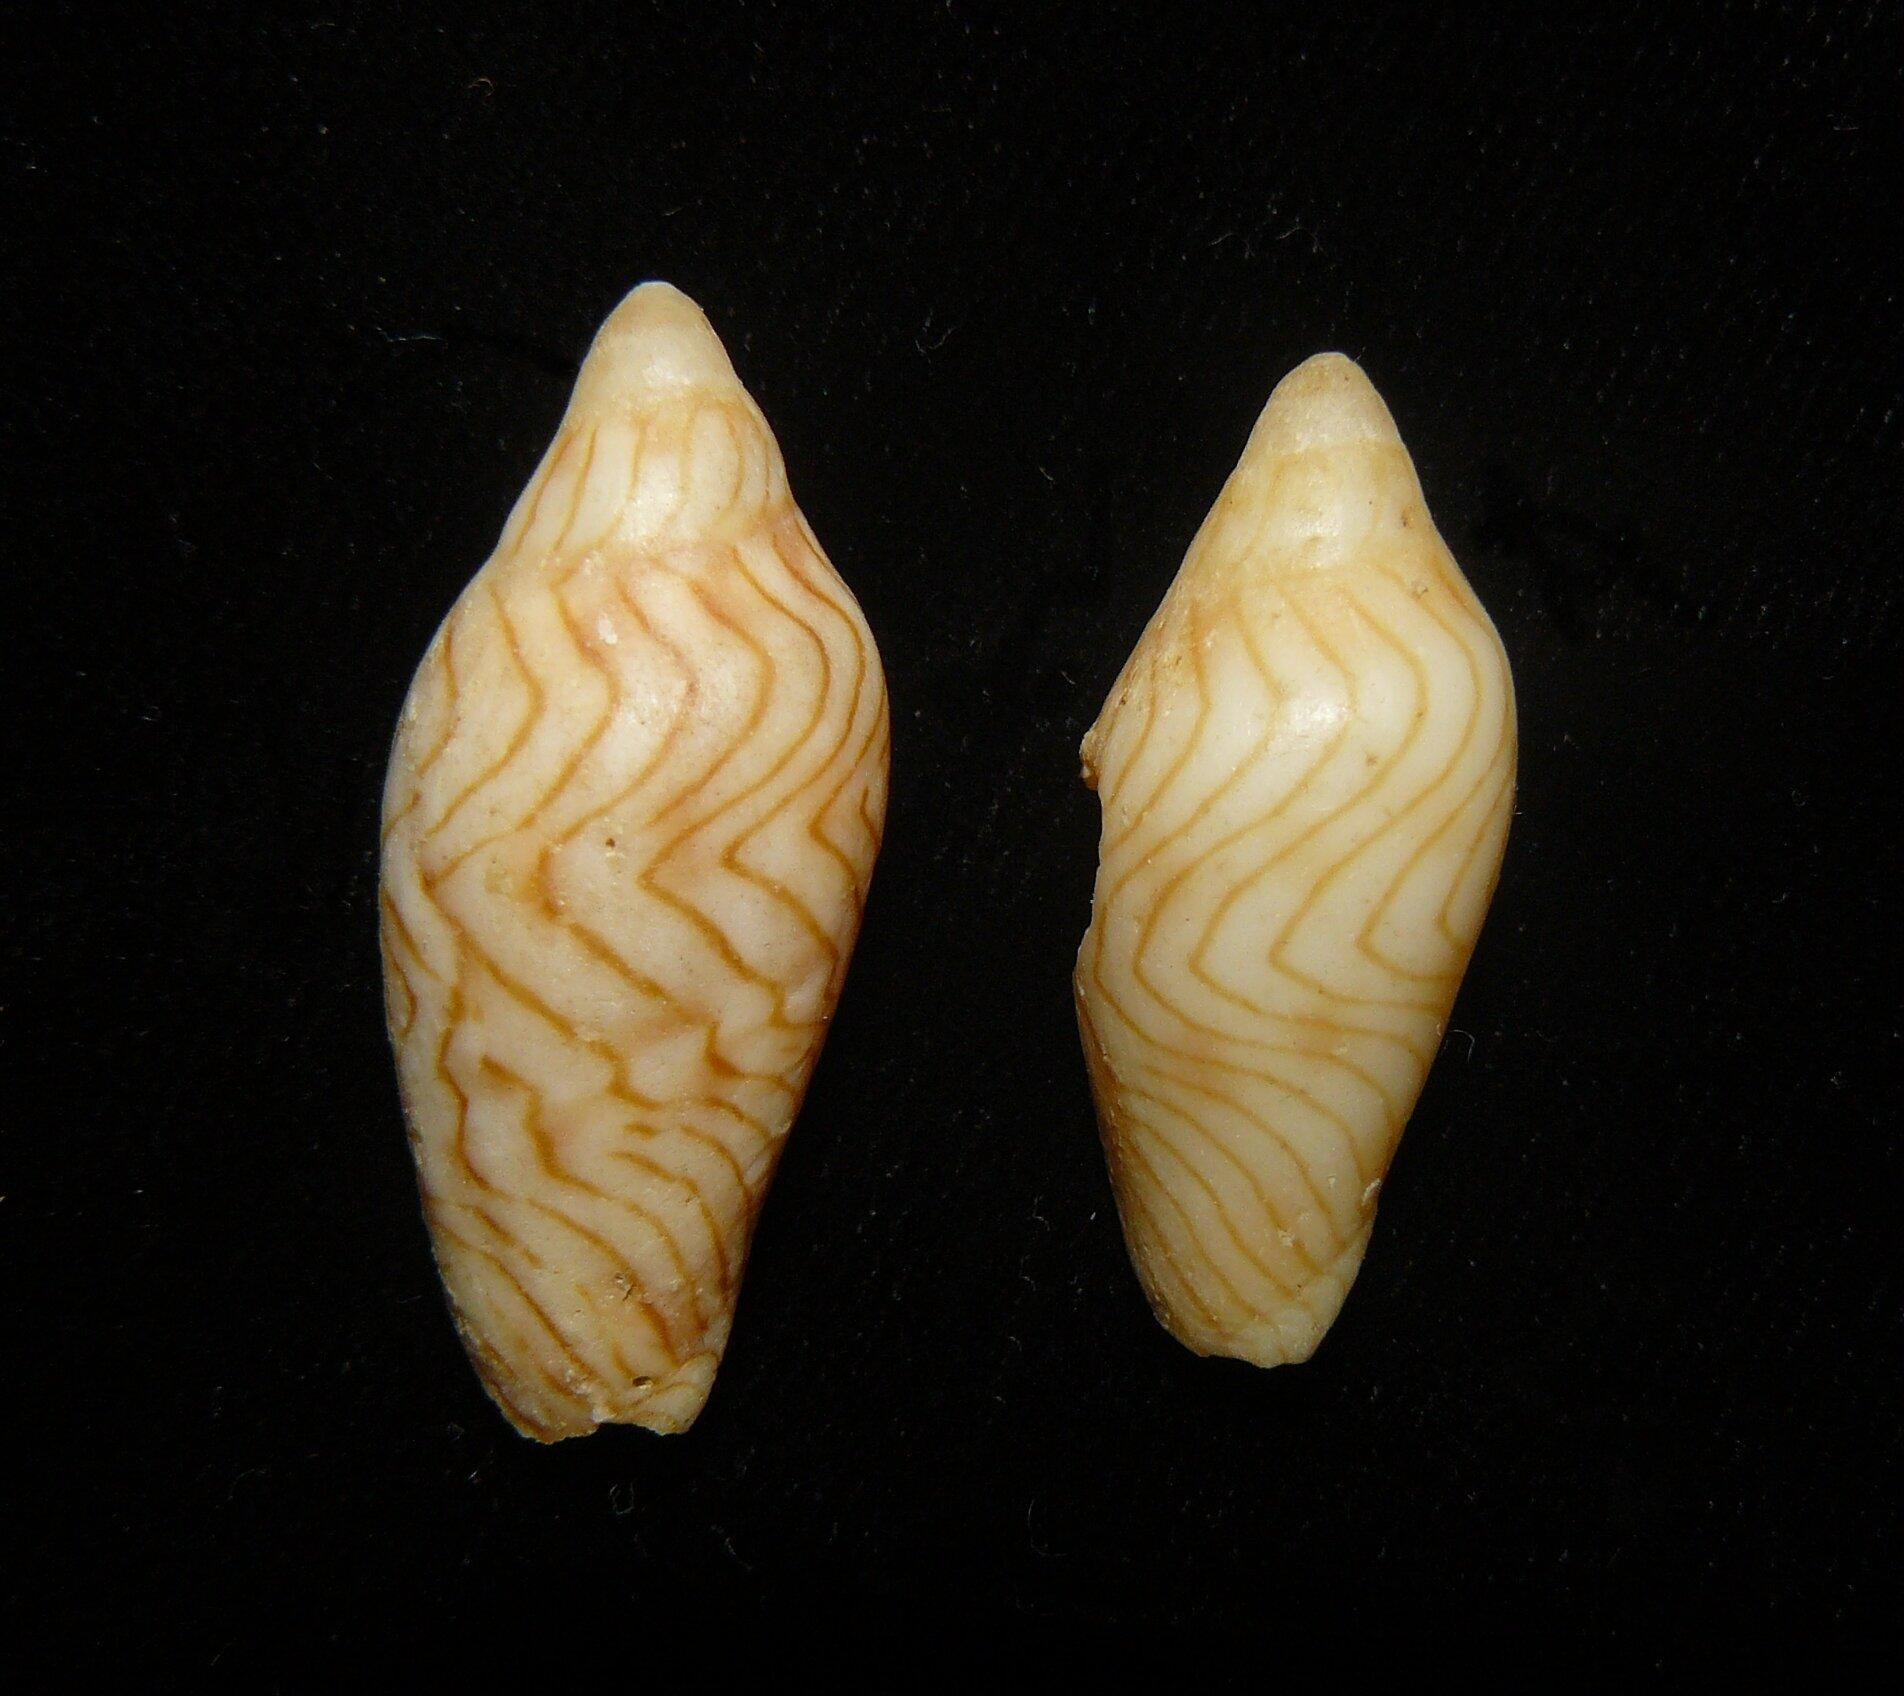 Újabb puhatestűfajt fedeztek fel egy ausztrál magángyűjteményben